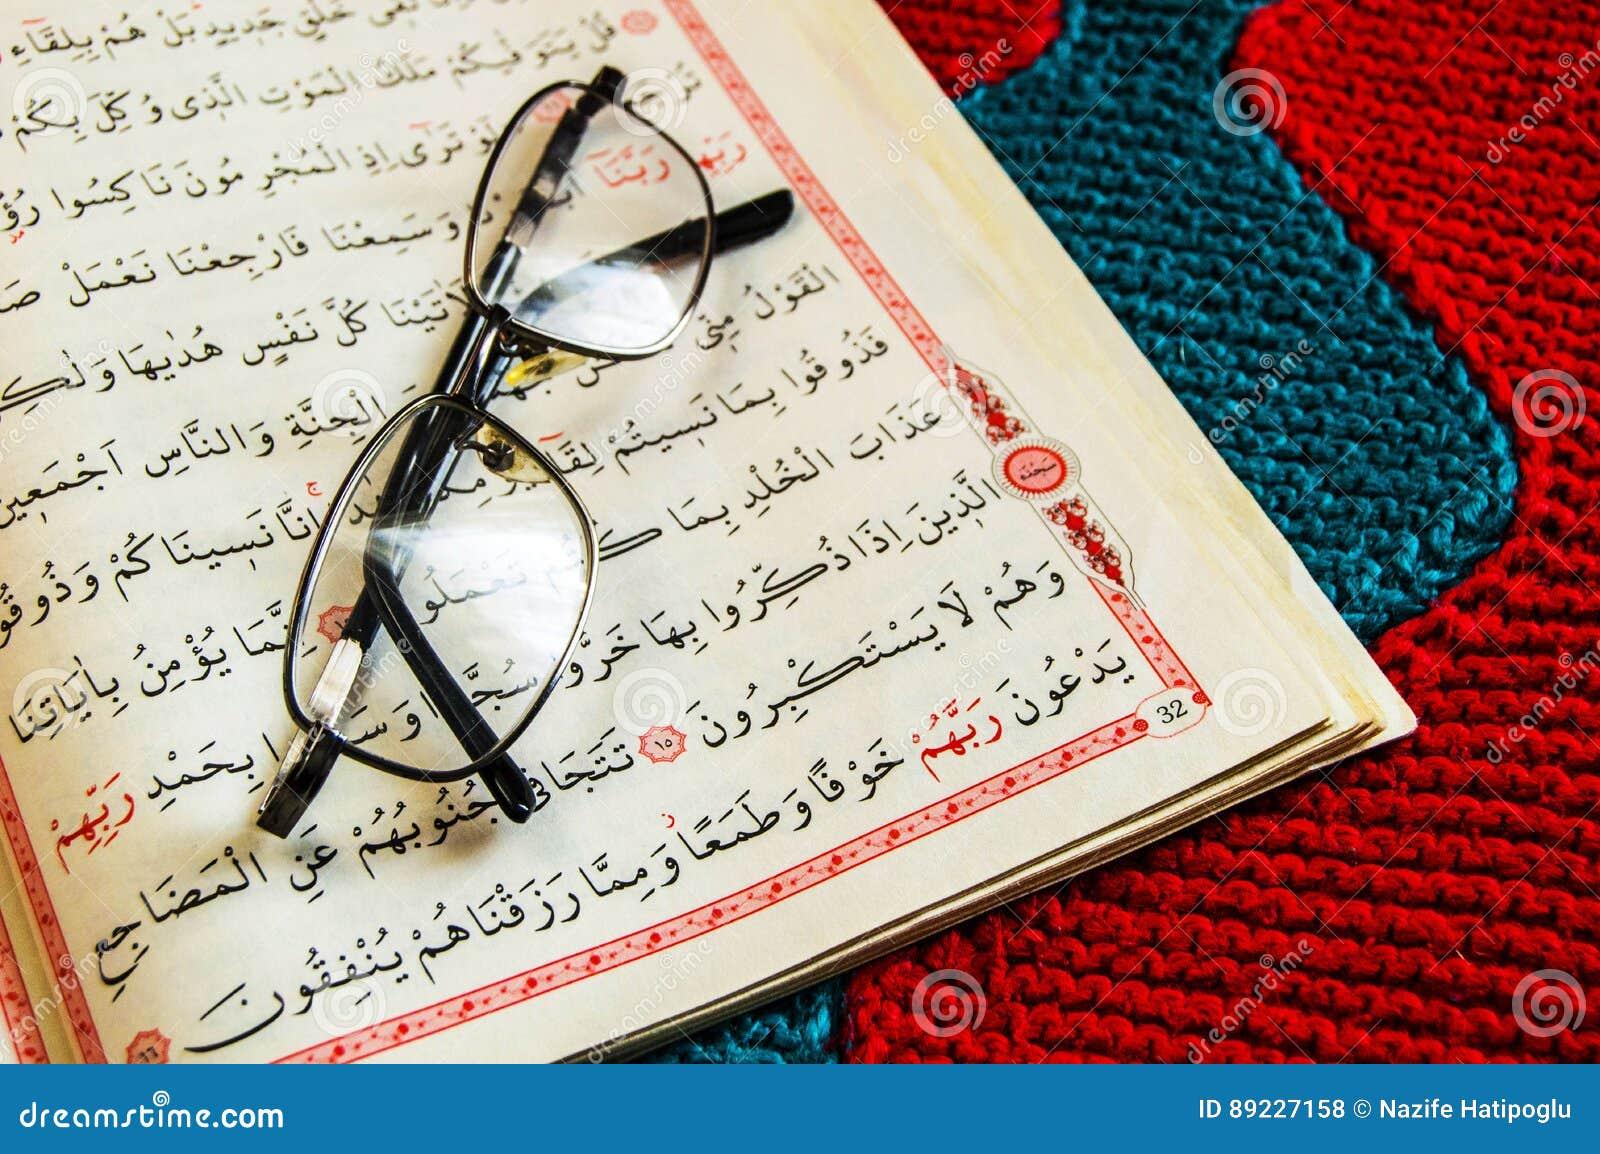 Lea el libro sagrado del Islam